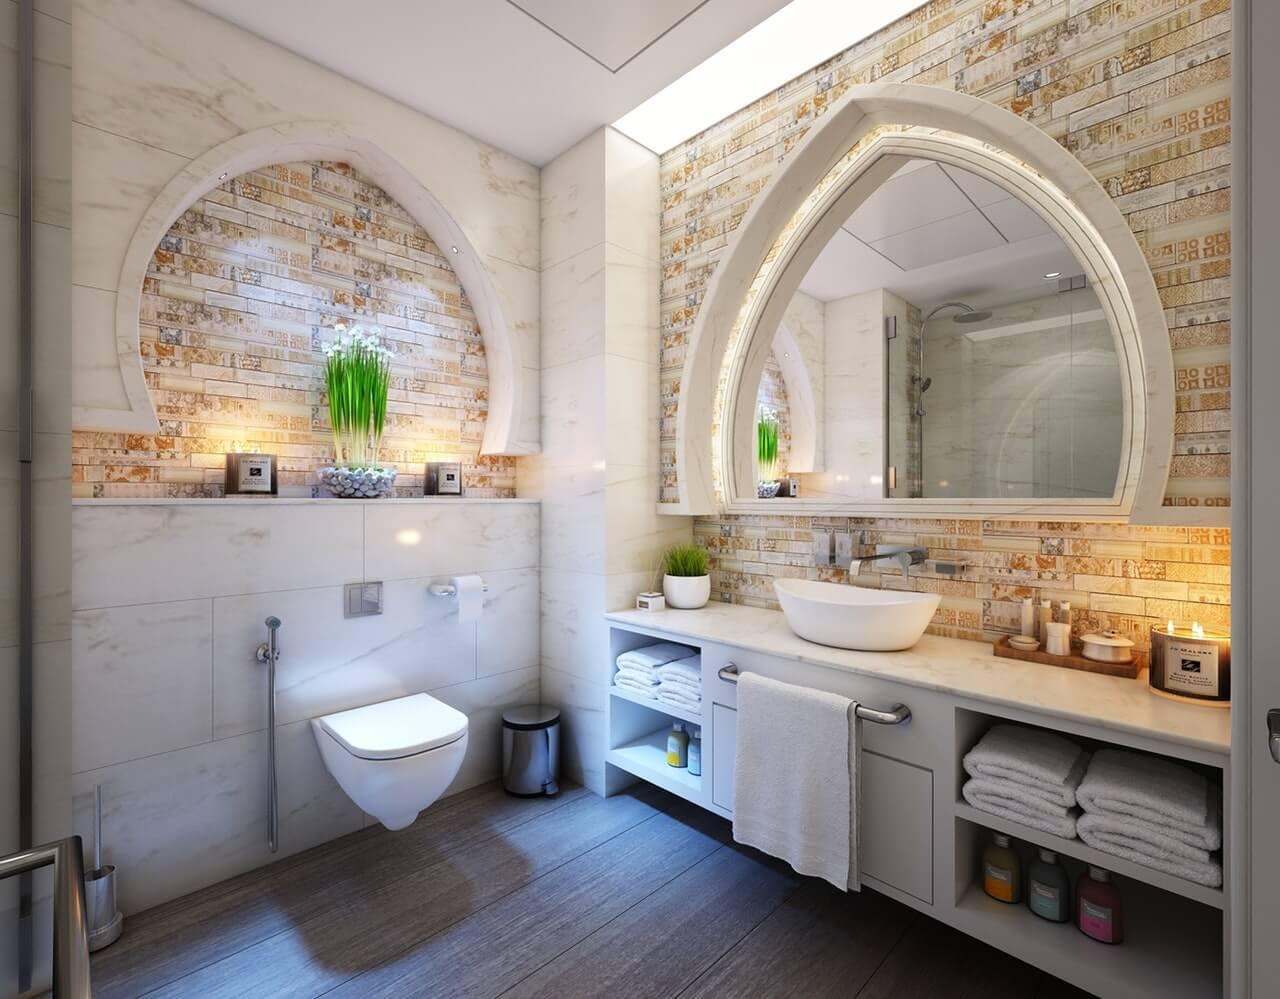 Best Bathroom Flooring Materials - WC Queen